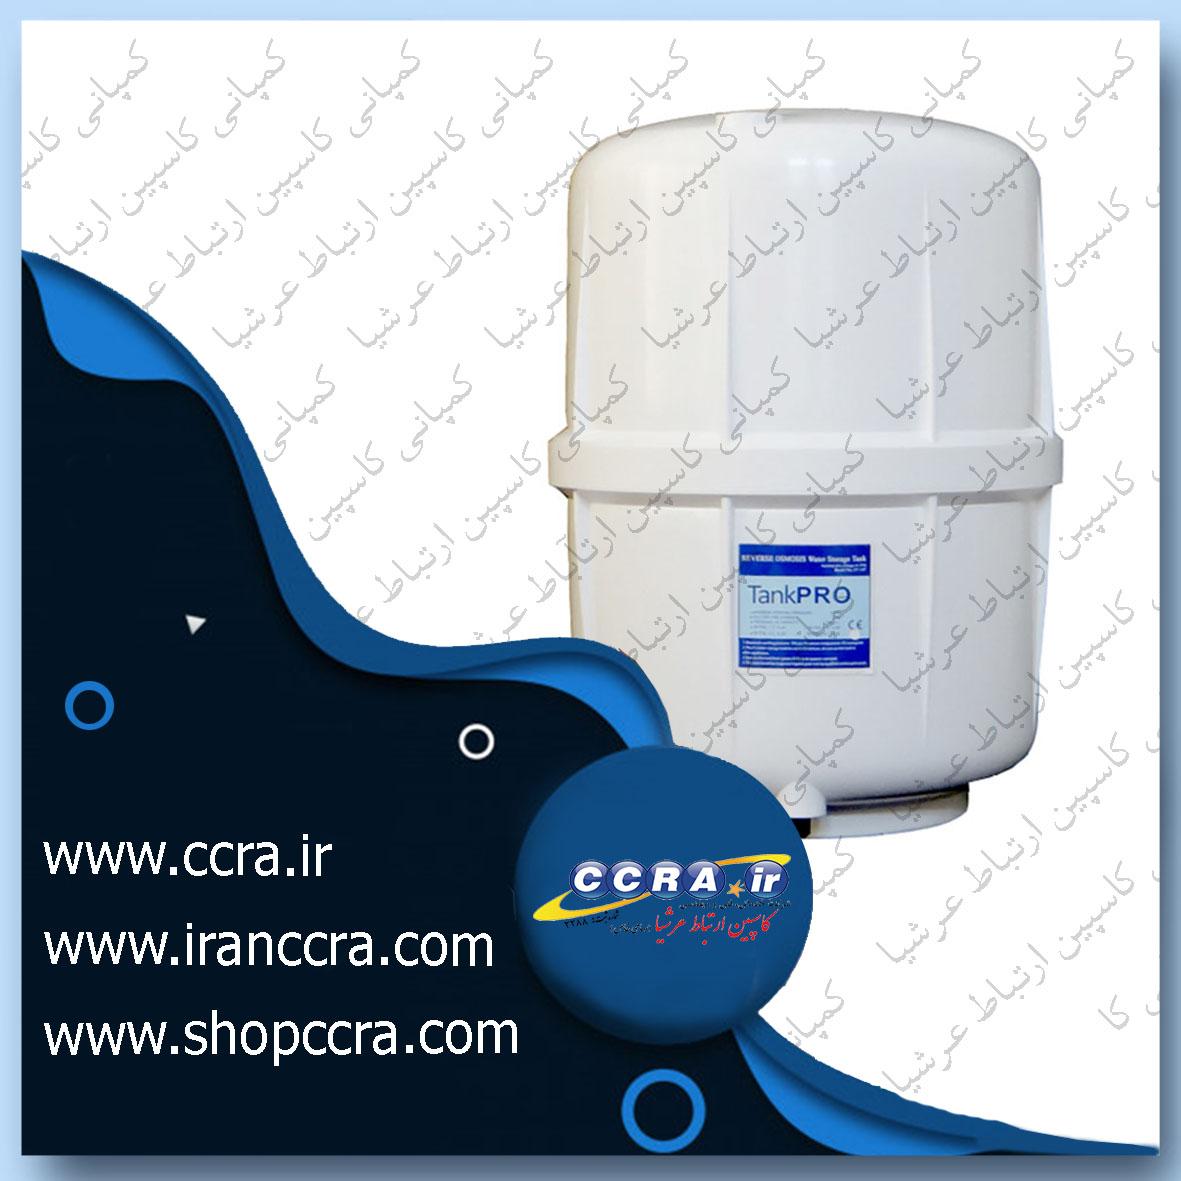 تنظیم فشار هوای مخزن دستگاه تصفیه آب خانگی آکوالایف